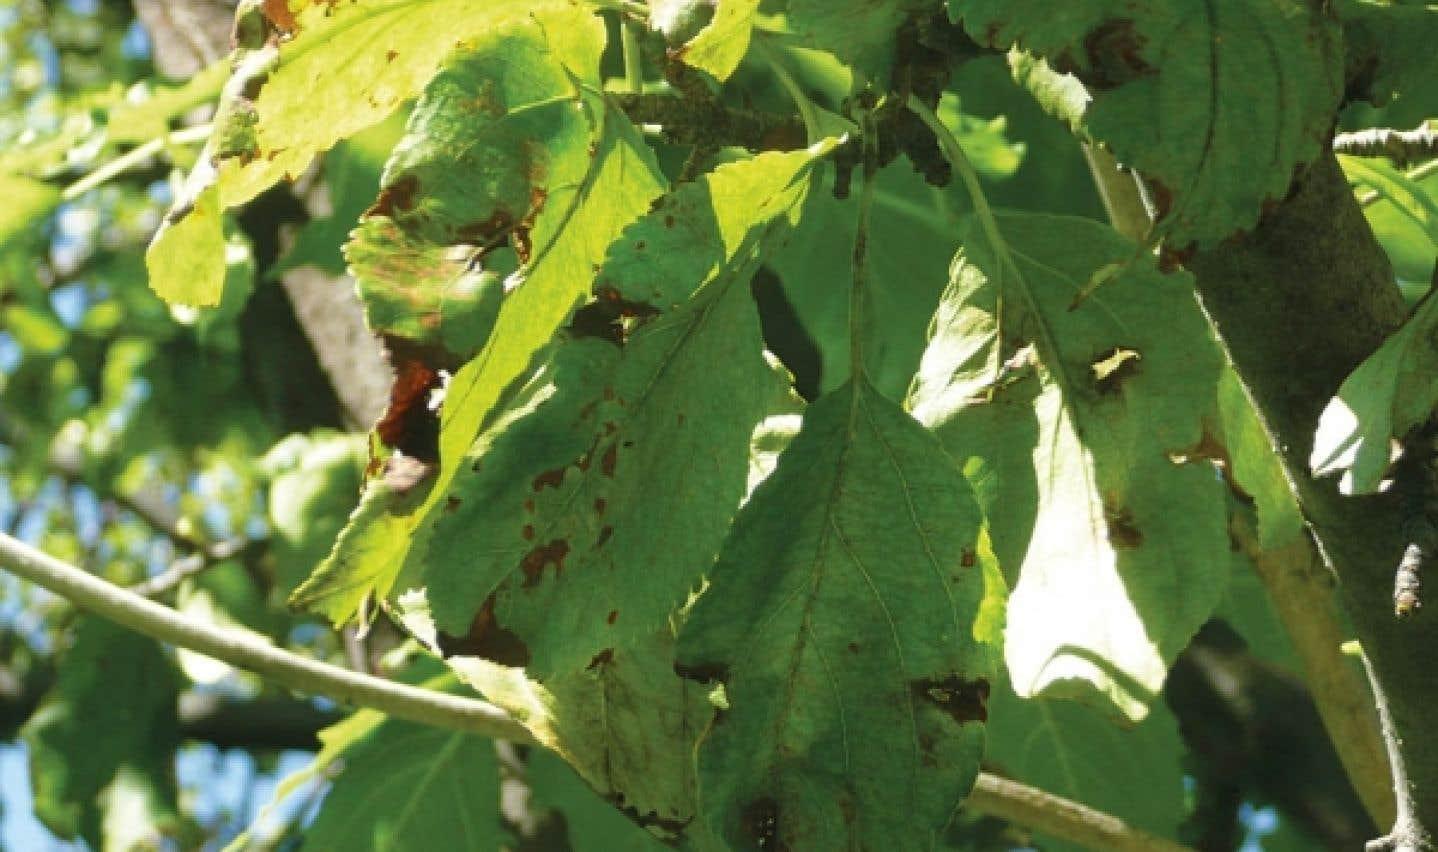 Une Annus horribilis pour les arbres sensibles à la tavelure: les arbres grandement affectés connaissent une chute de feuilles prématurée et abondante.